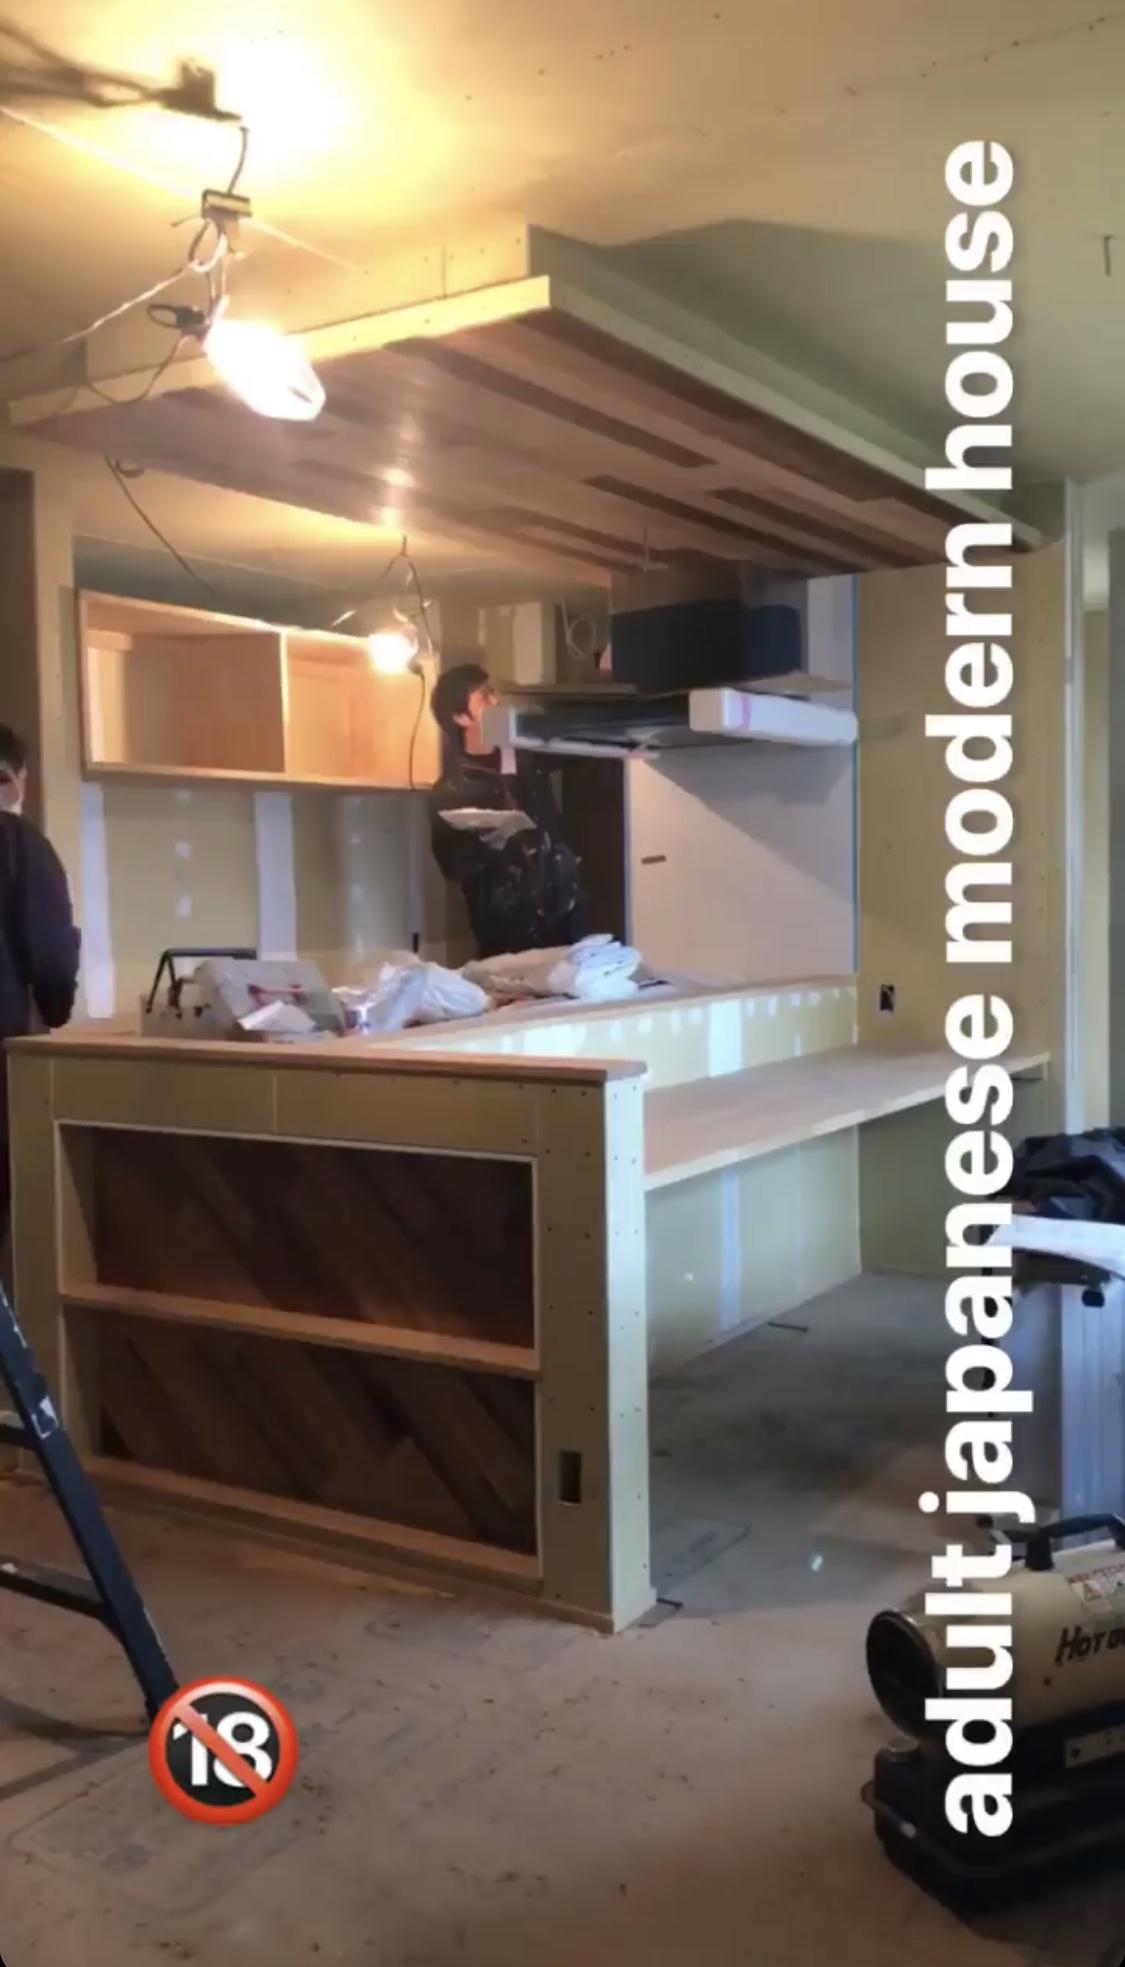 山梨県の工務店、未来建築工房とつくる注文住宅。|富士吉田市の葭池温泉前の大人和モダンスタイルの家